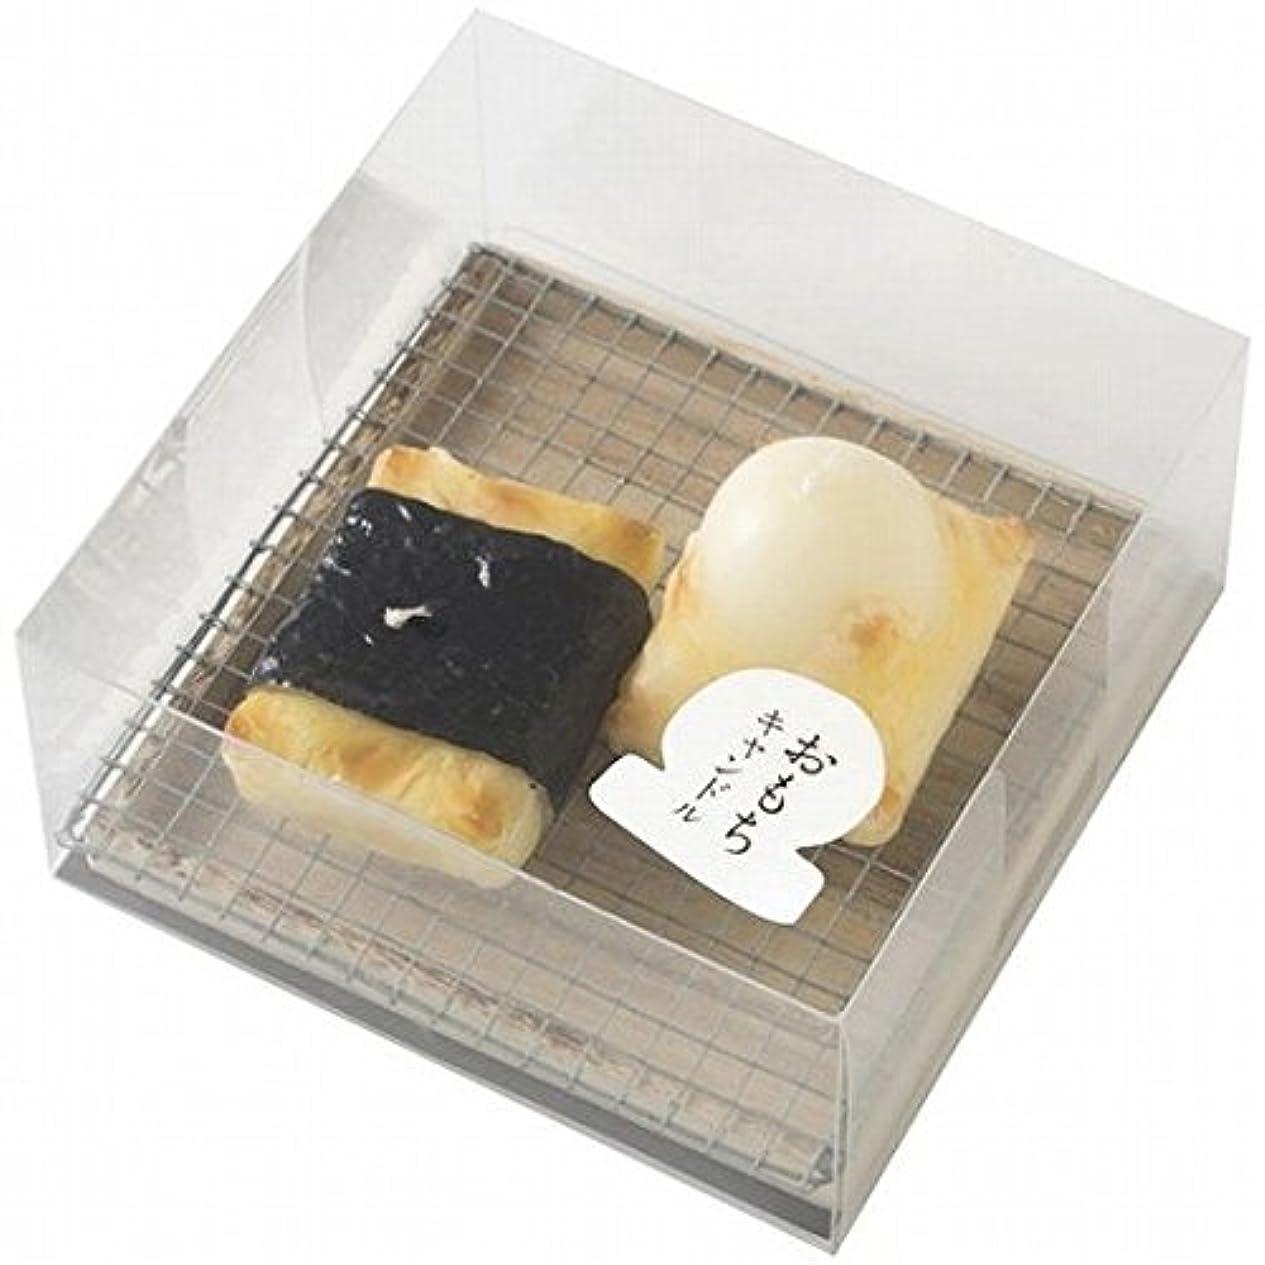 統計的辞任する年kameyama candle(カメヤマキャンドル) おもちキャンドル(86930000)